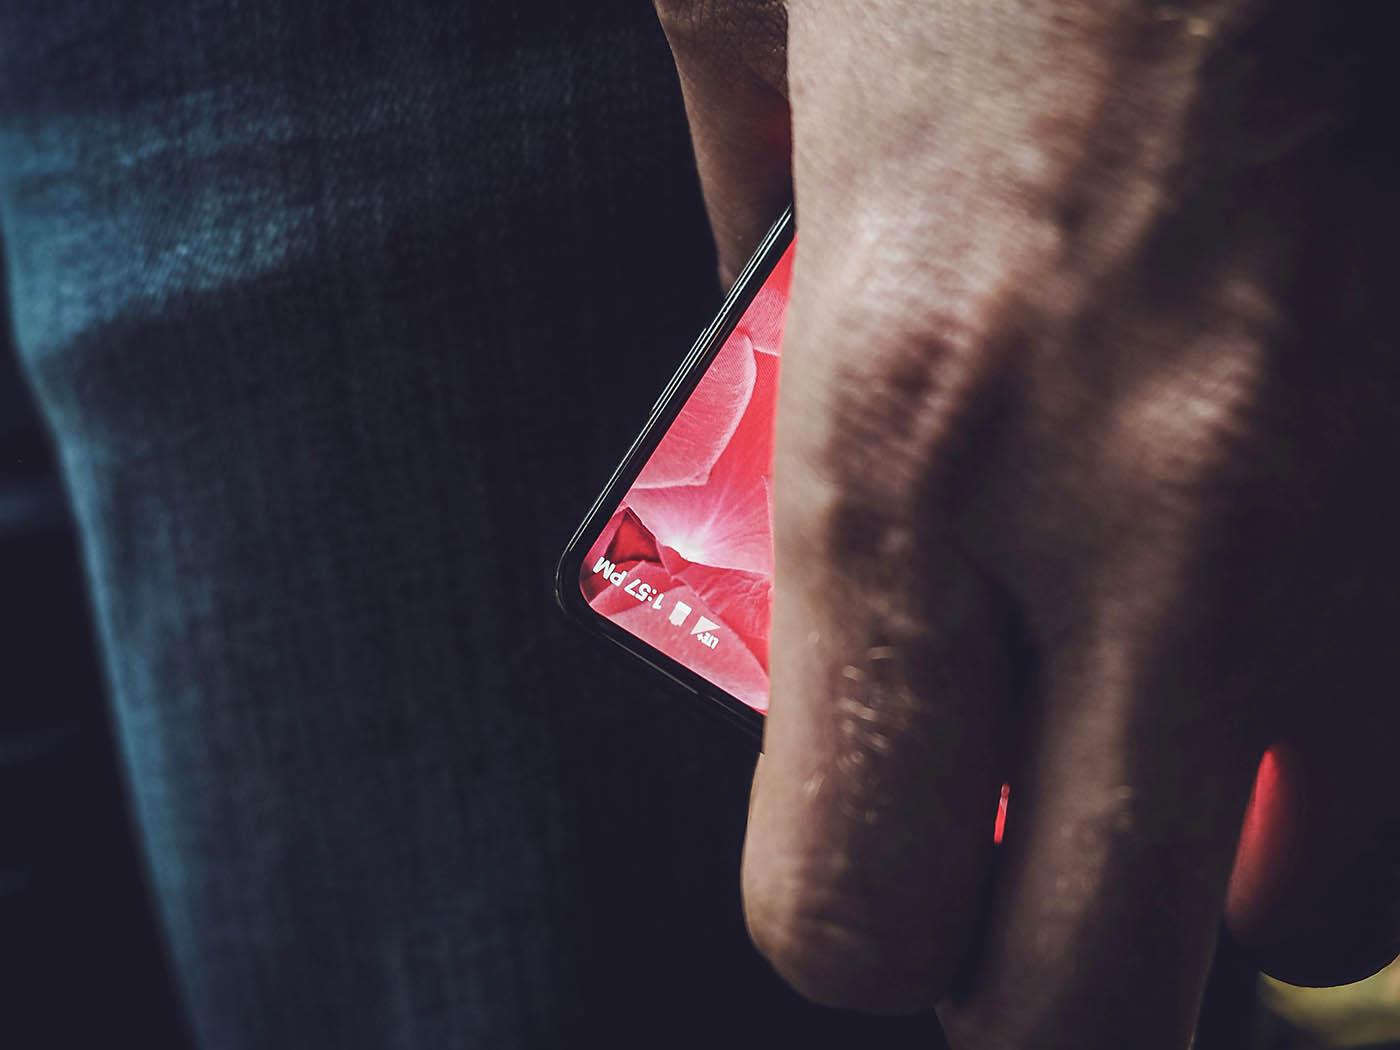 Essential, el smartphone de Andy Rubin, creador de Android